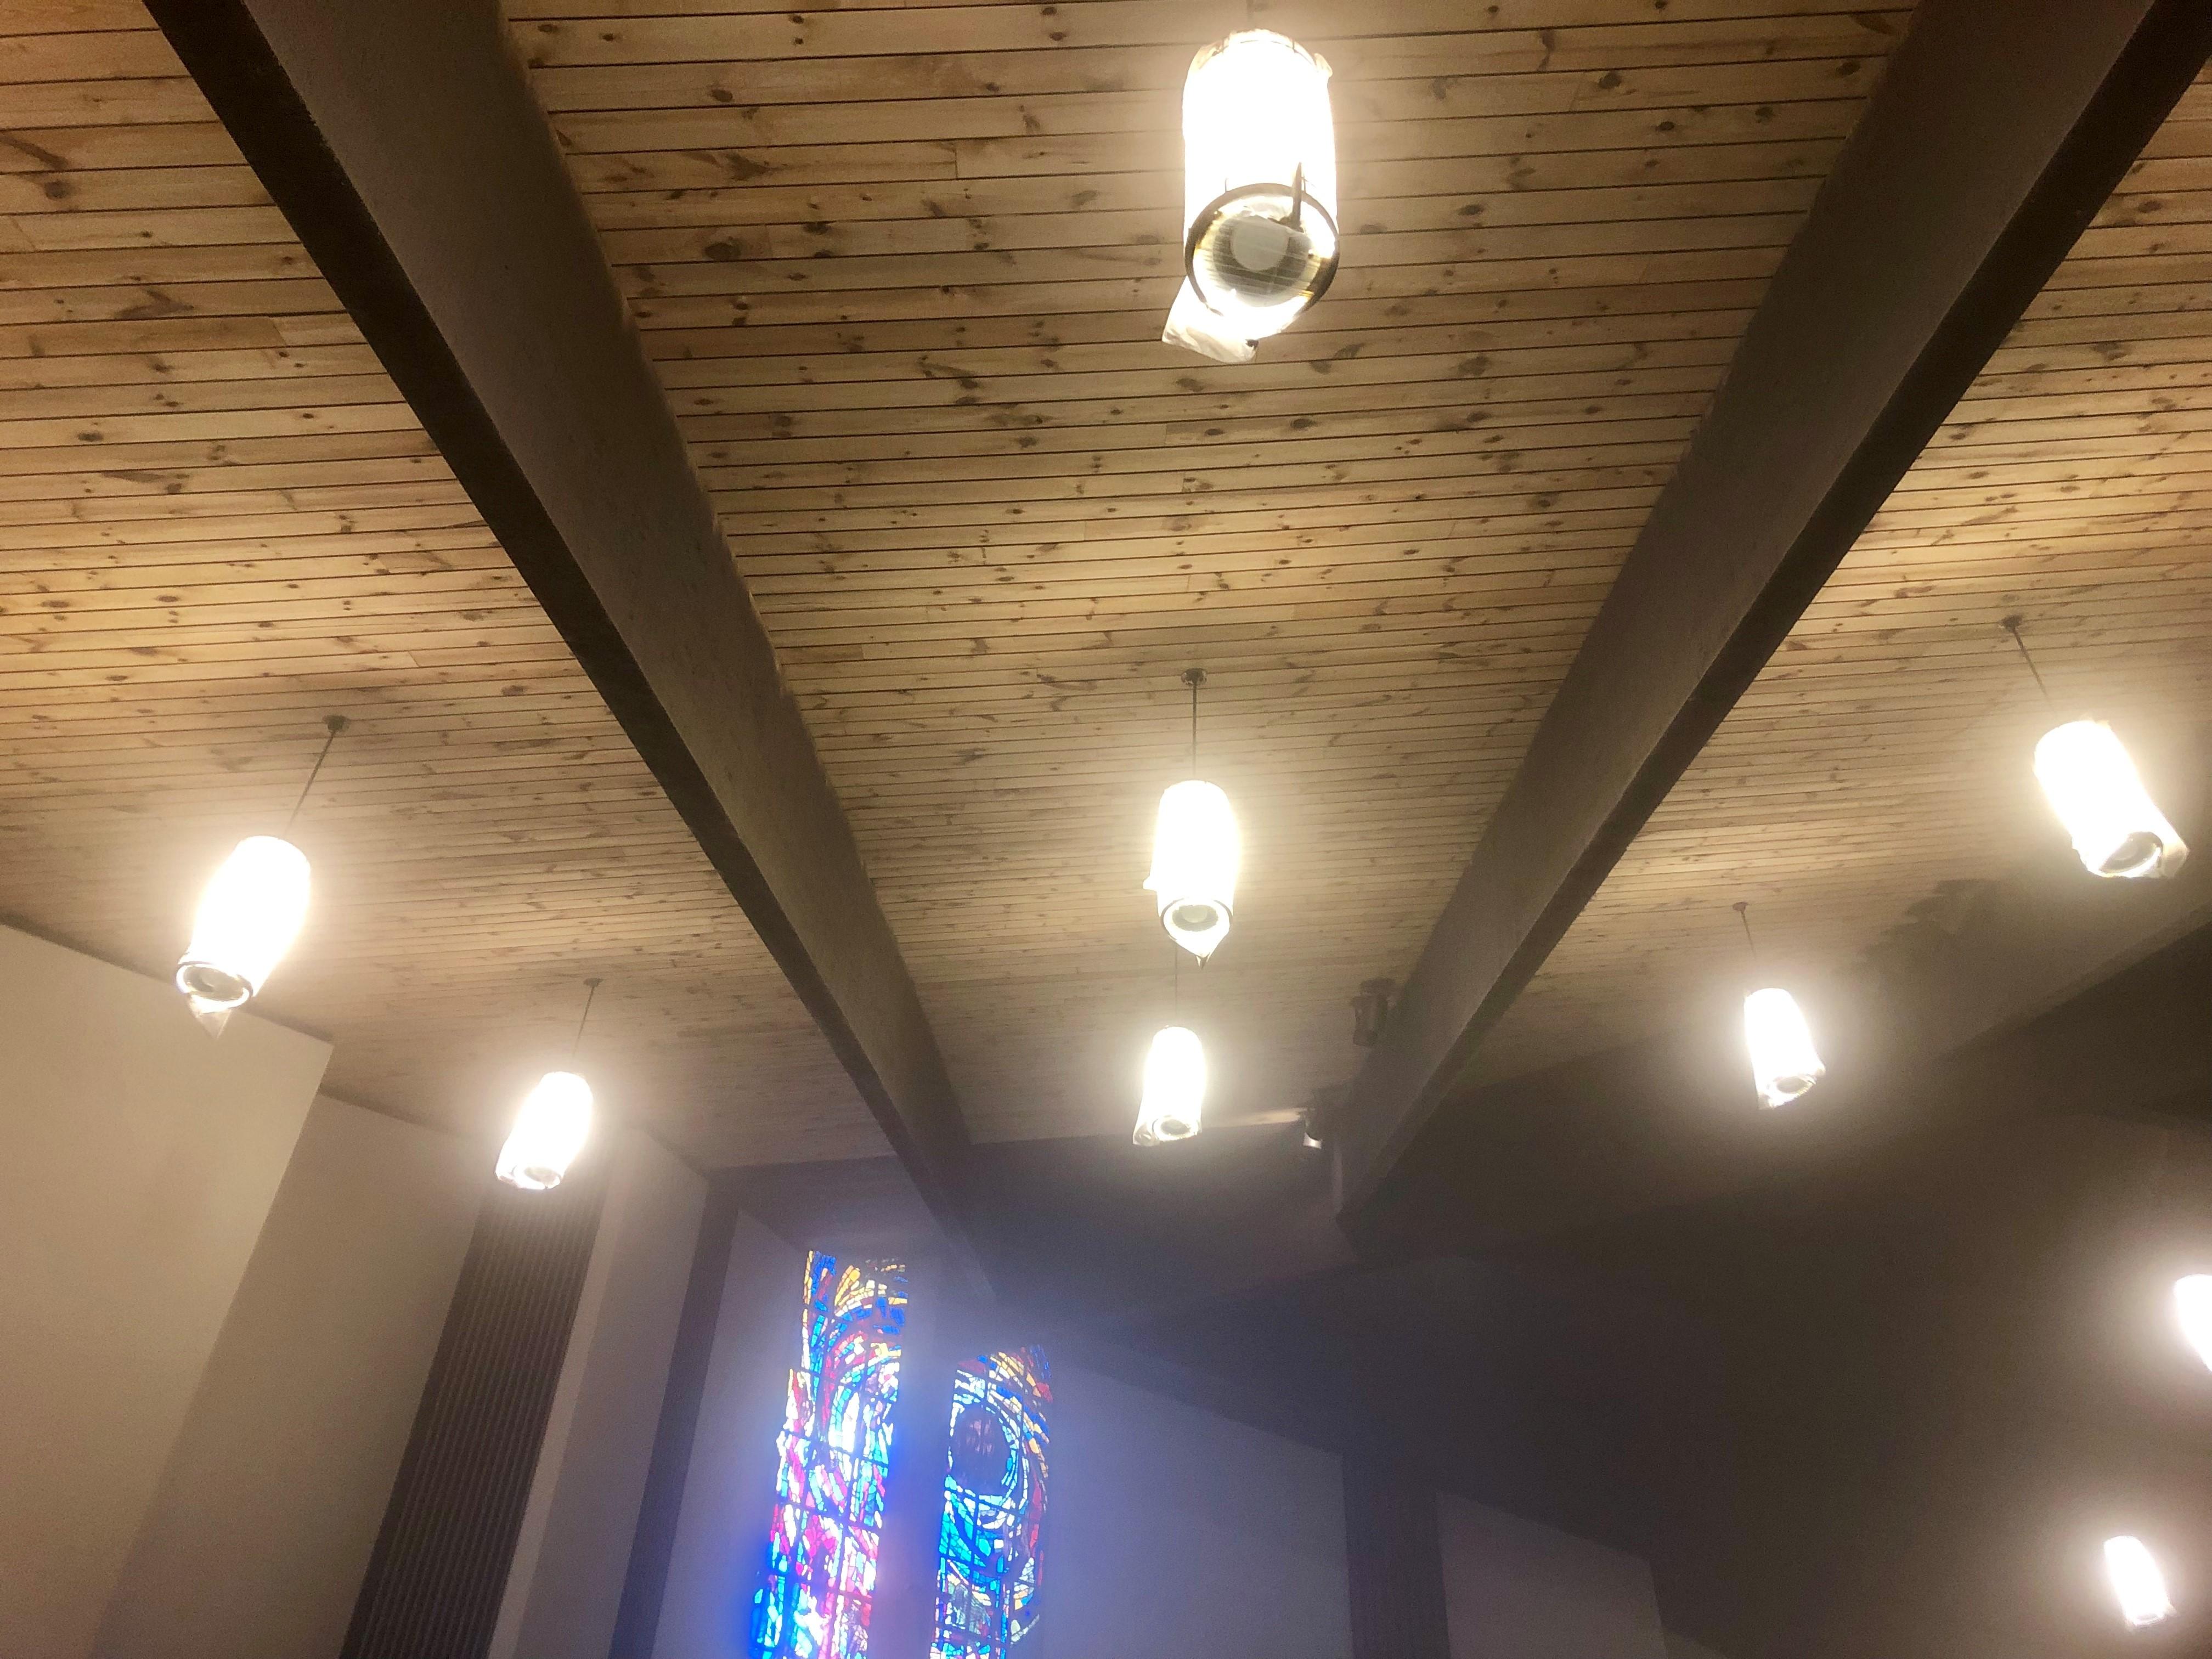 Soda Blasted Ceiling 2 072319